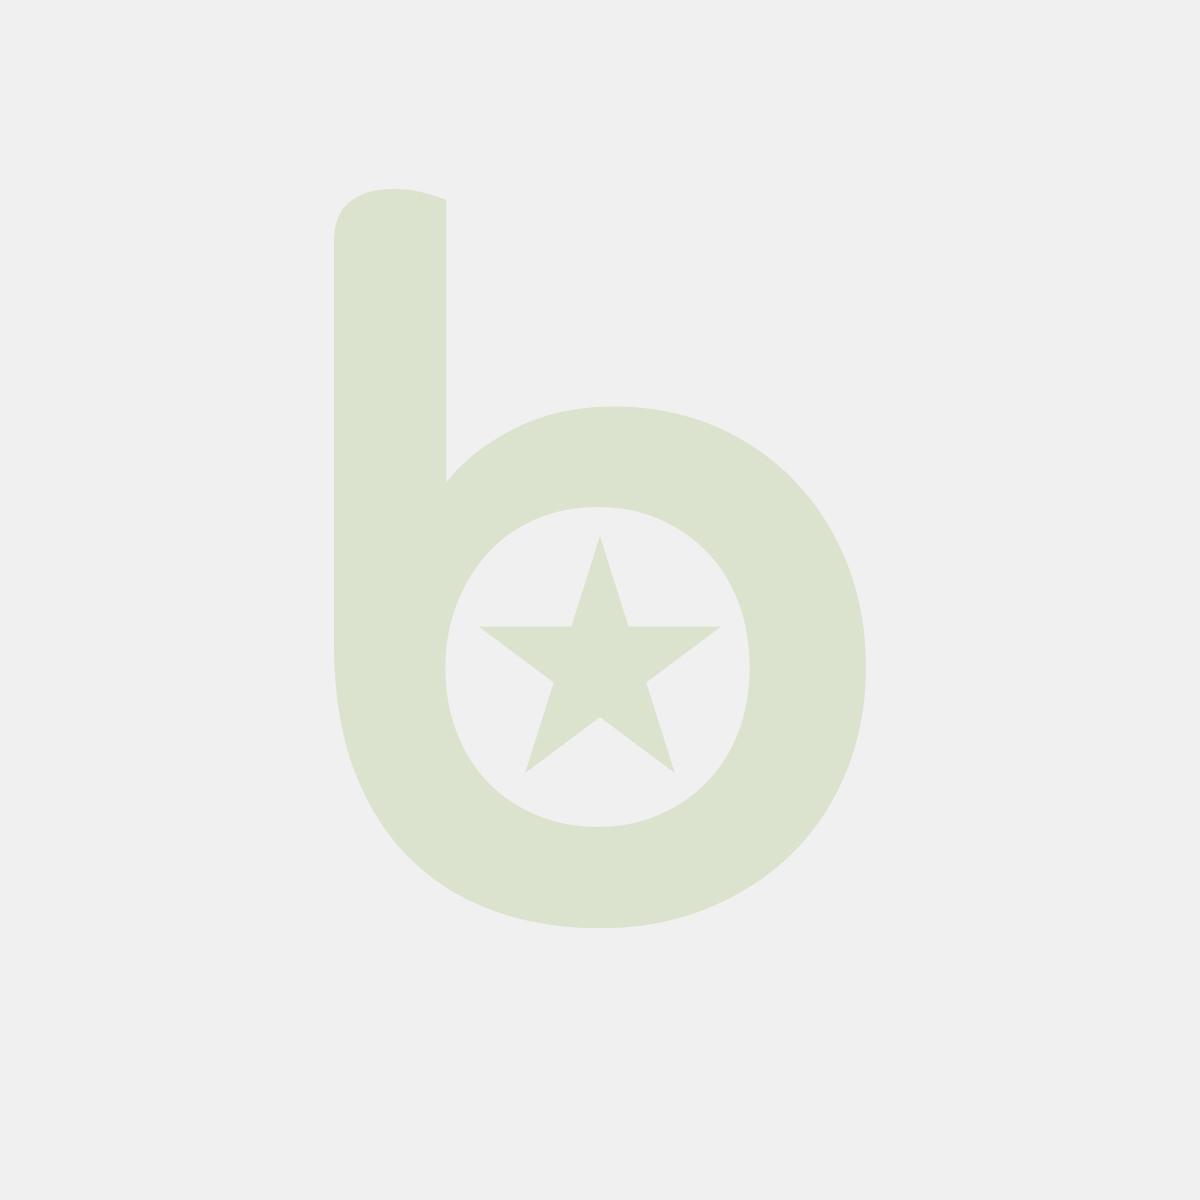 Wkład Express 75 do długopisu SCHNEIDER, B, format A2, czarny